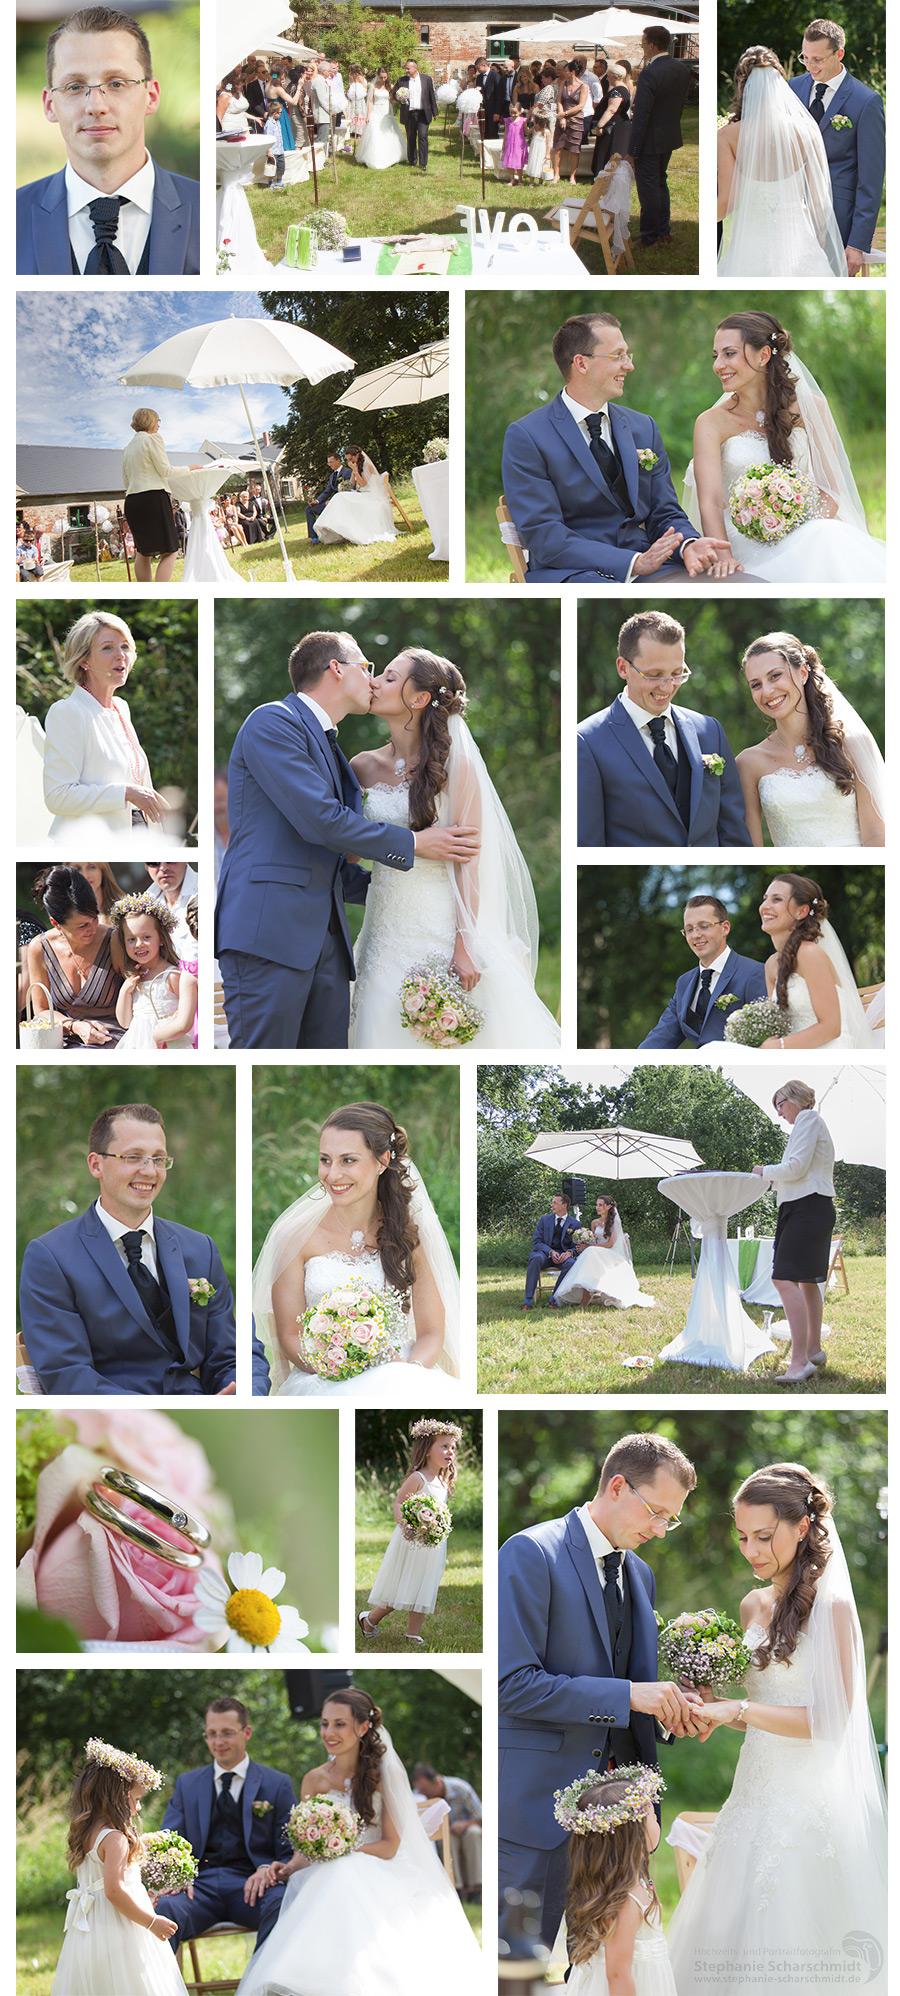 Trauung im Garten des Pfaffengutes in Plauen – Hochzeitsfotograf in Plauen im Vogtland – Hochzeits- und Portraitfotografin Stephanie Scharschmidt